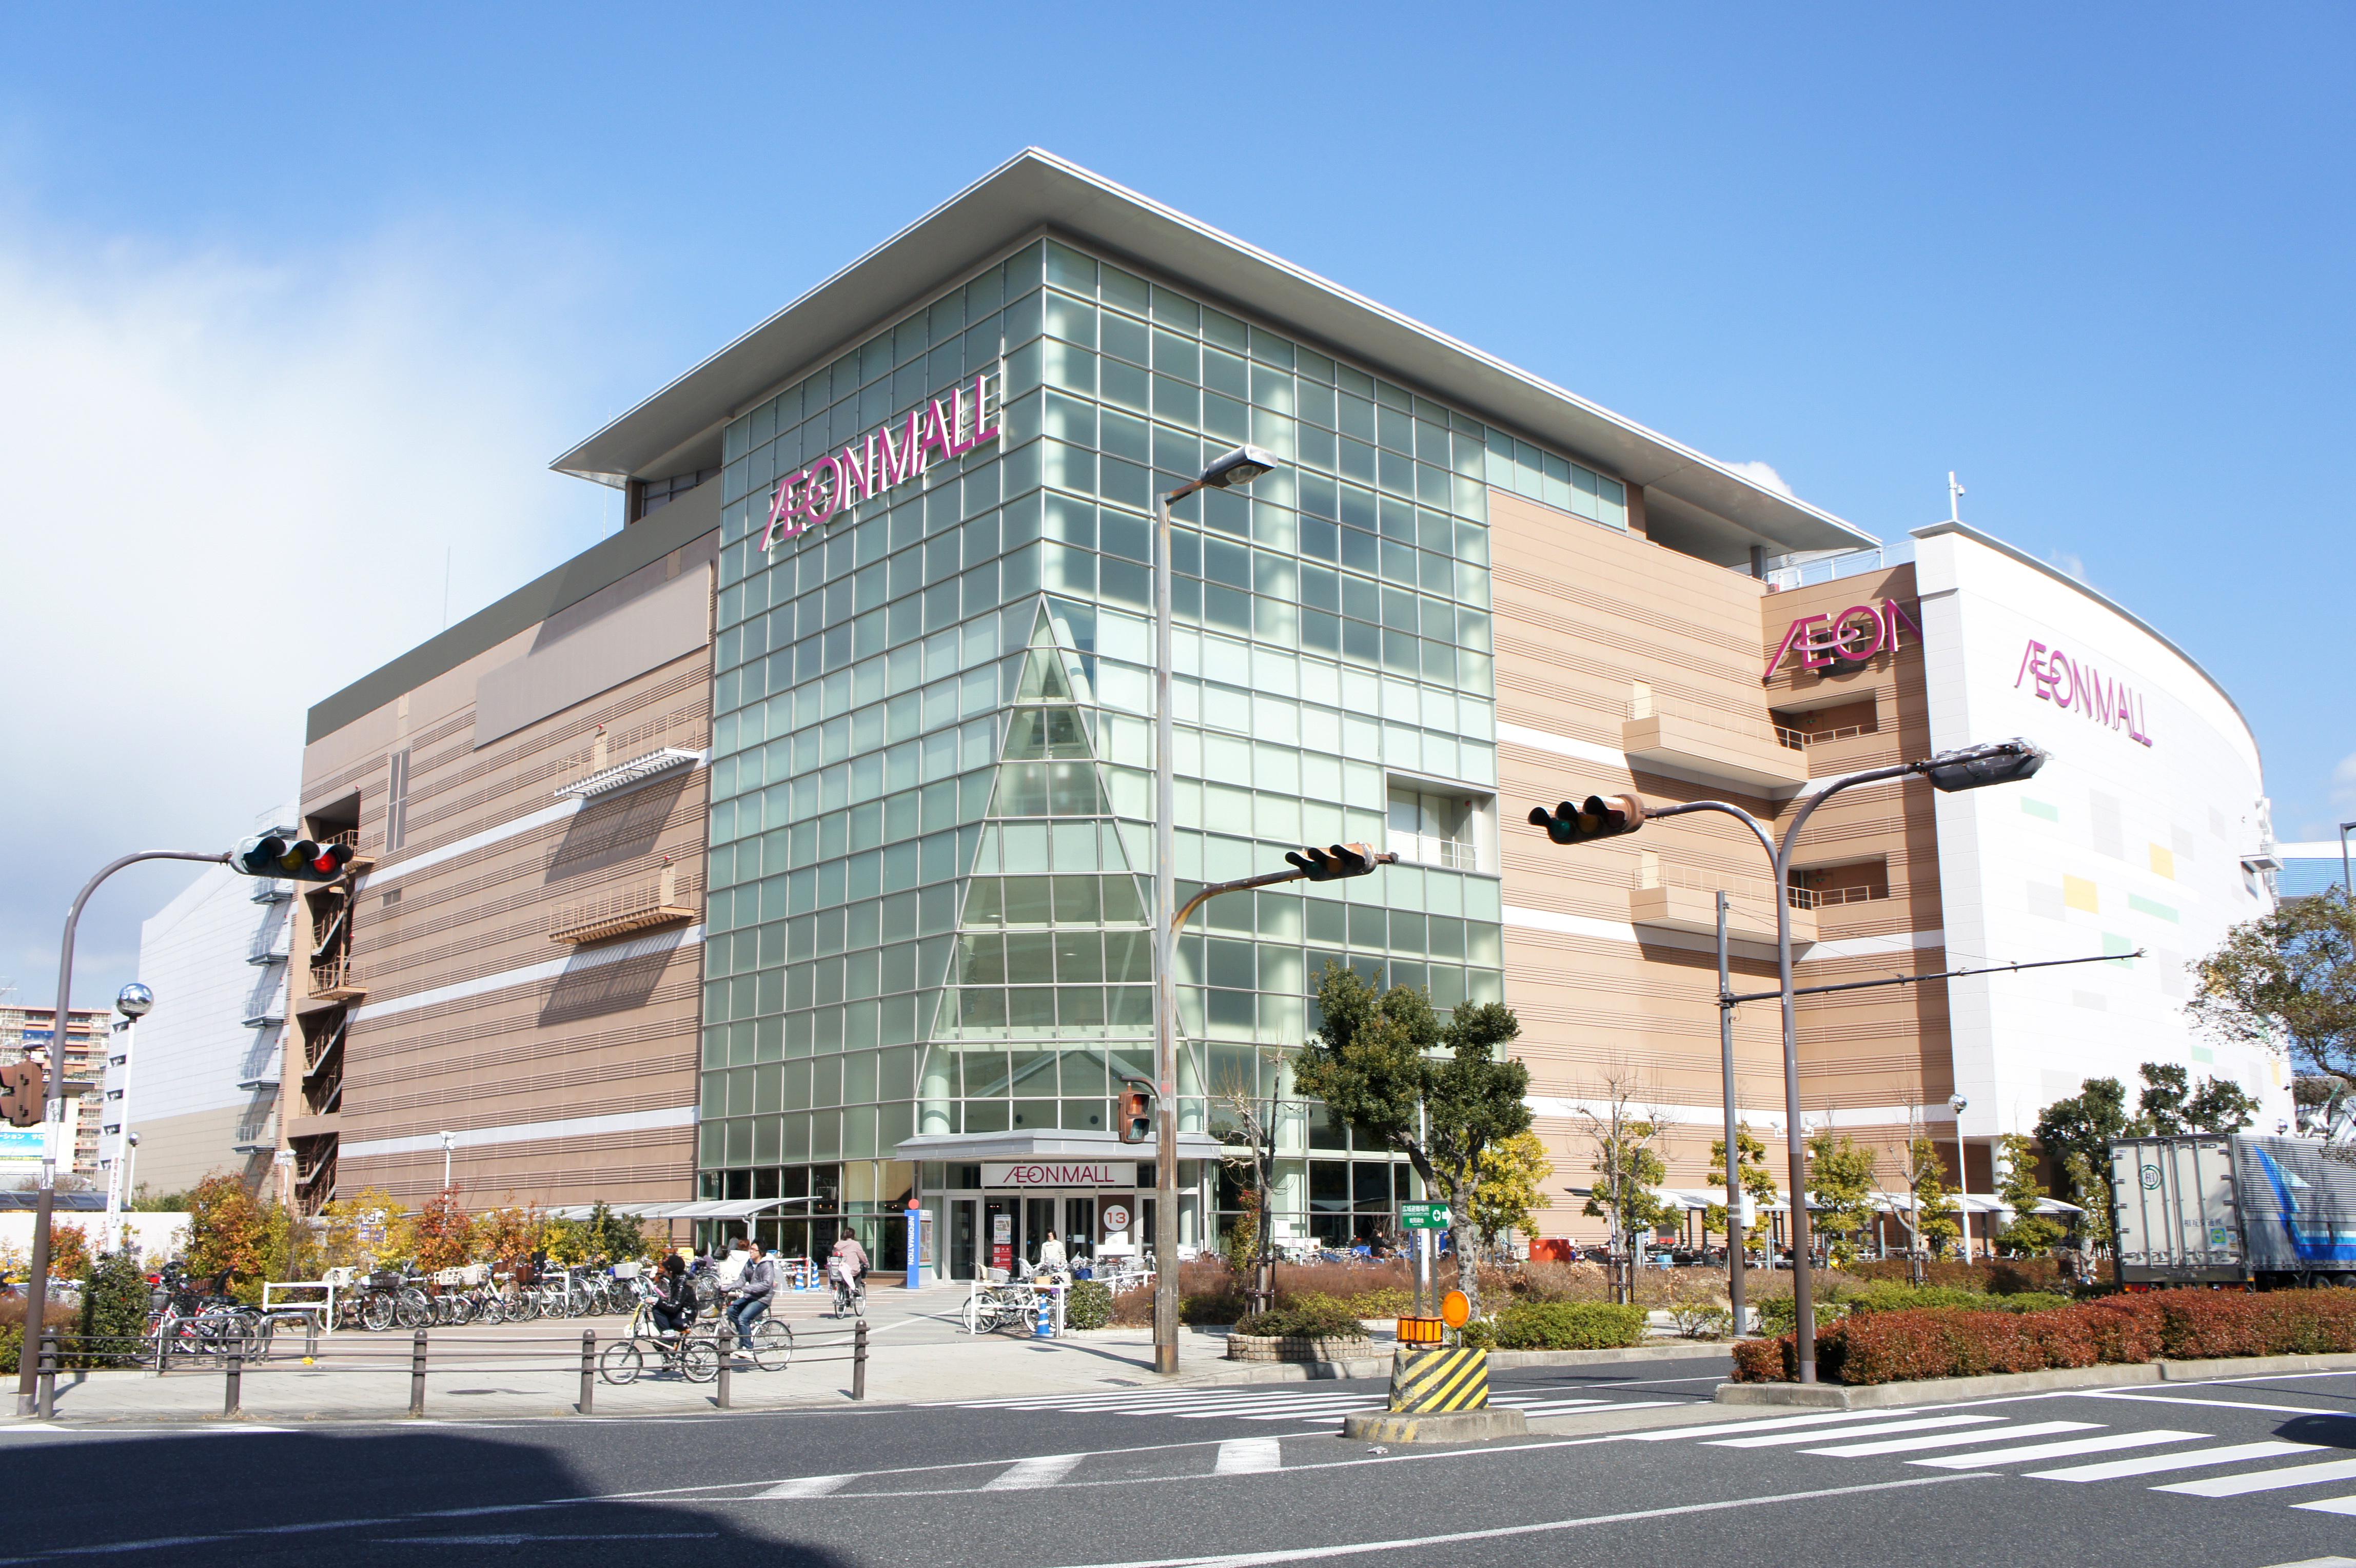 大阪市內優質住宅區, 近站, 鄰近大公園, 百貨公司的4房別墅, 生活設施完備, 自用一流!